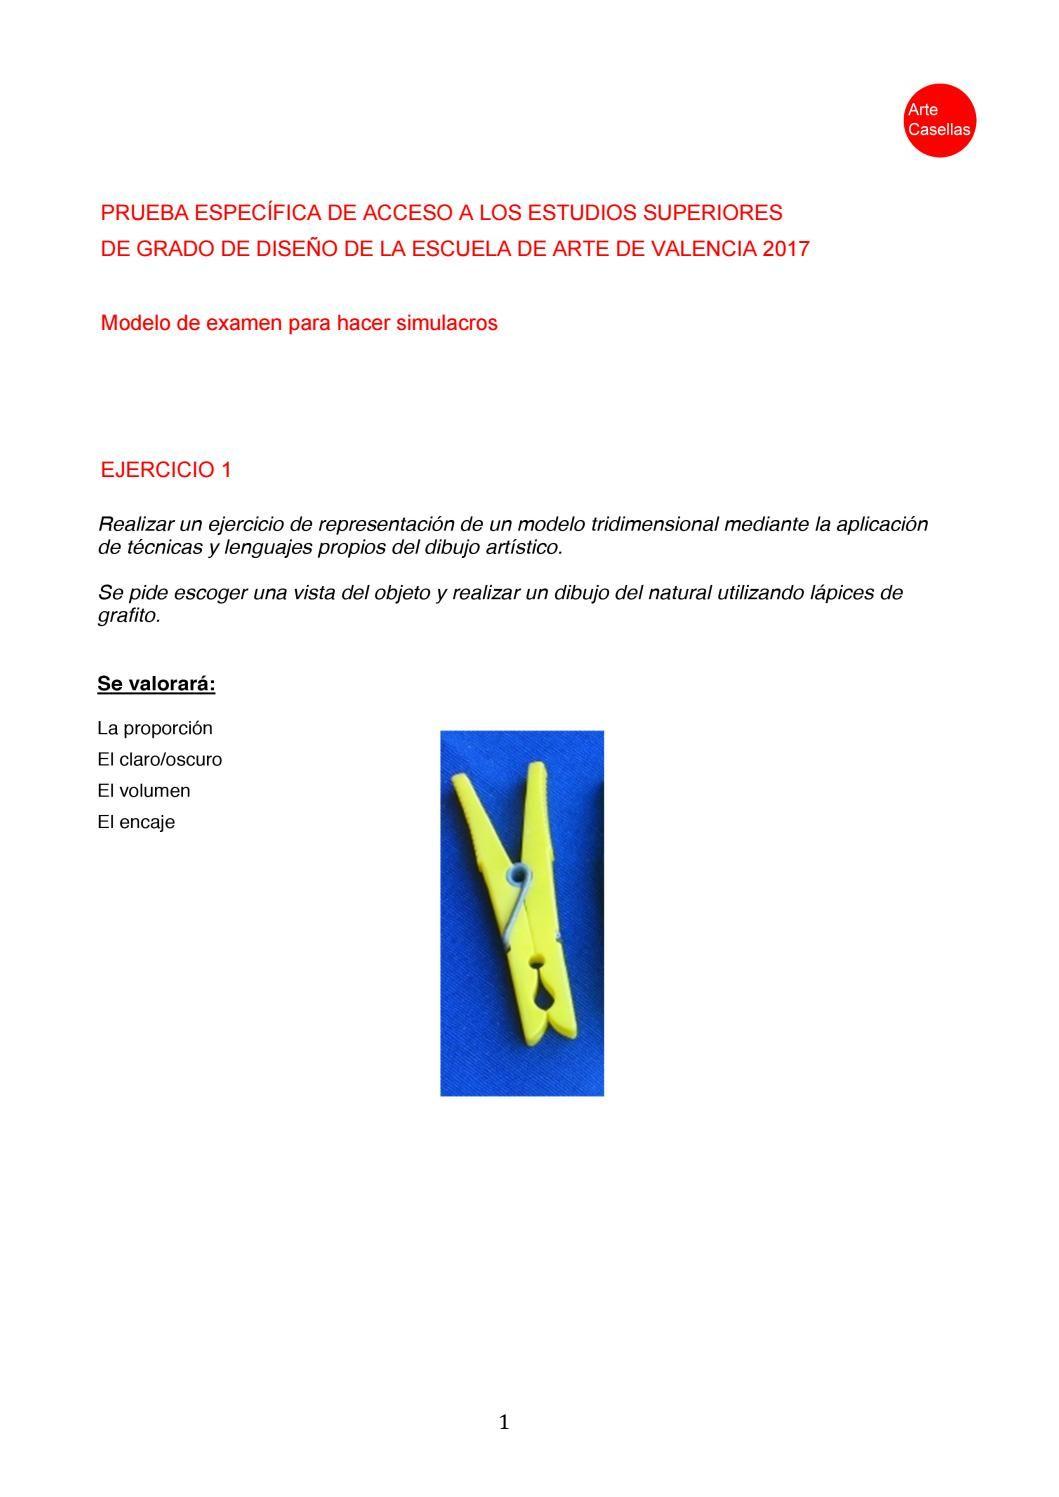 Modelo De La Prueba Específica De Acceso Easd Valencia 2017 Clases De Preparación Modelo De Examen Disenos De Unas Escuelas De Diseño